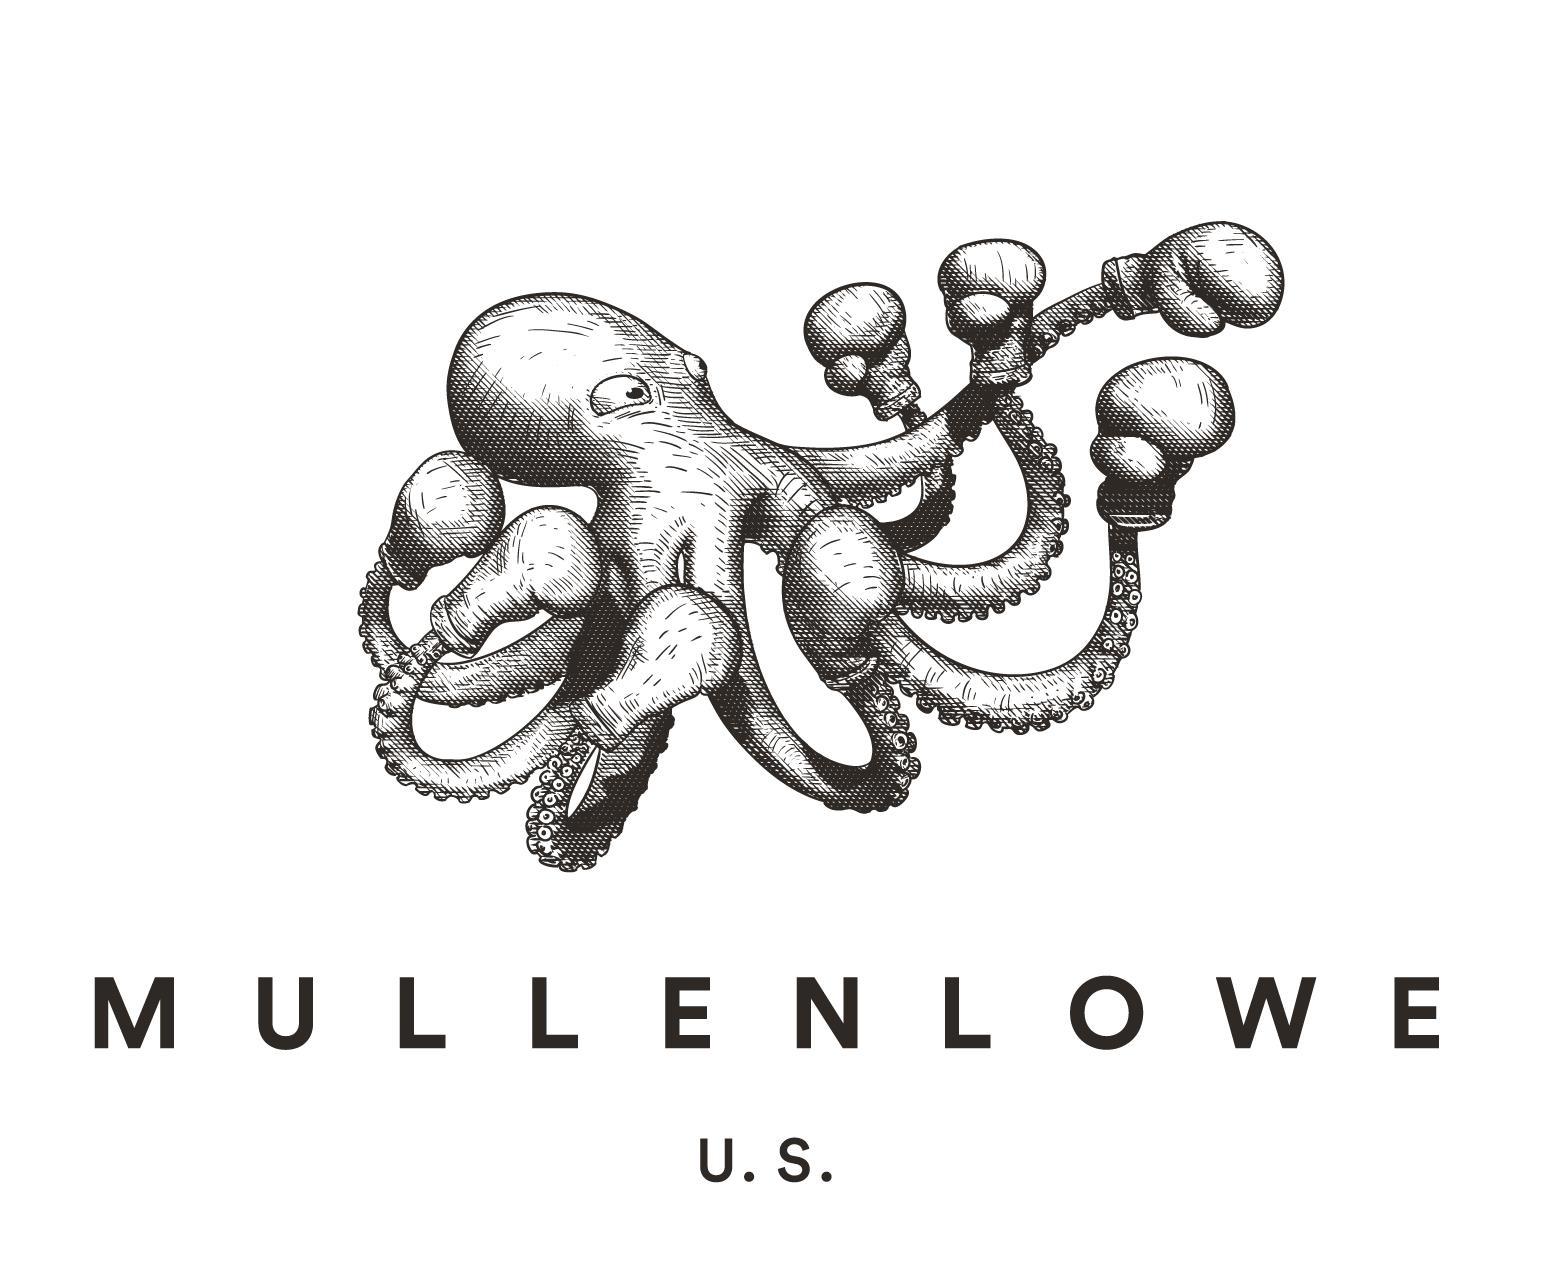 MullenLowe U.S.